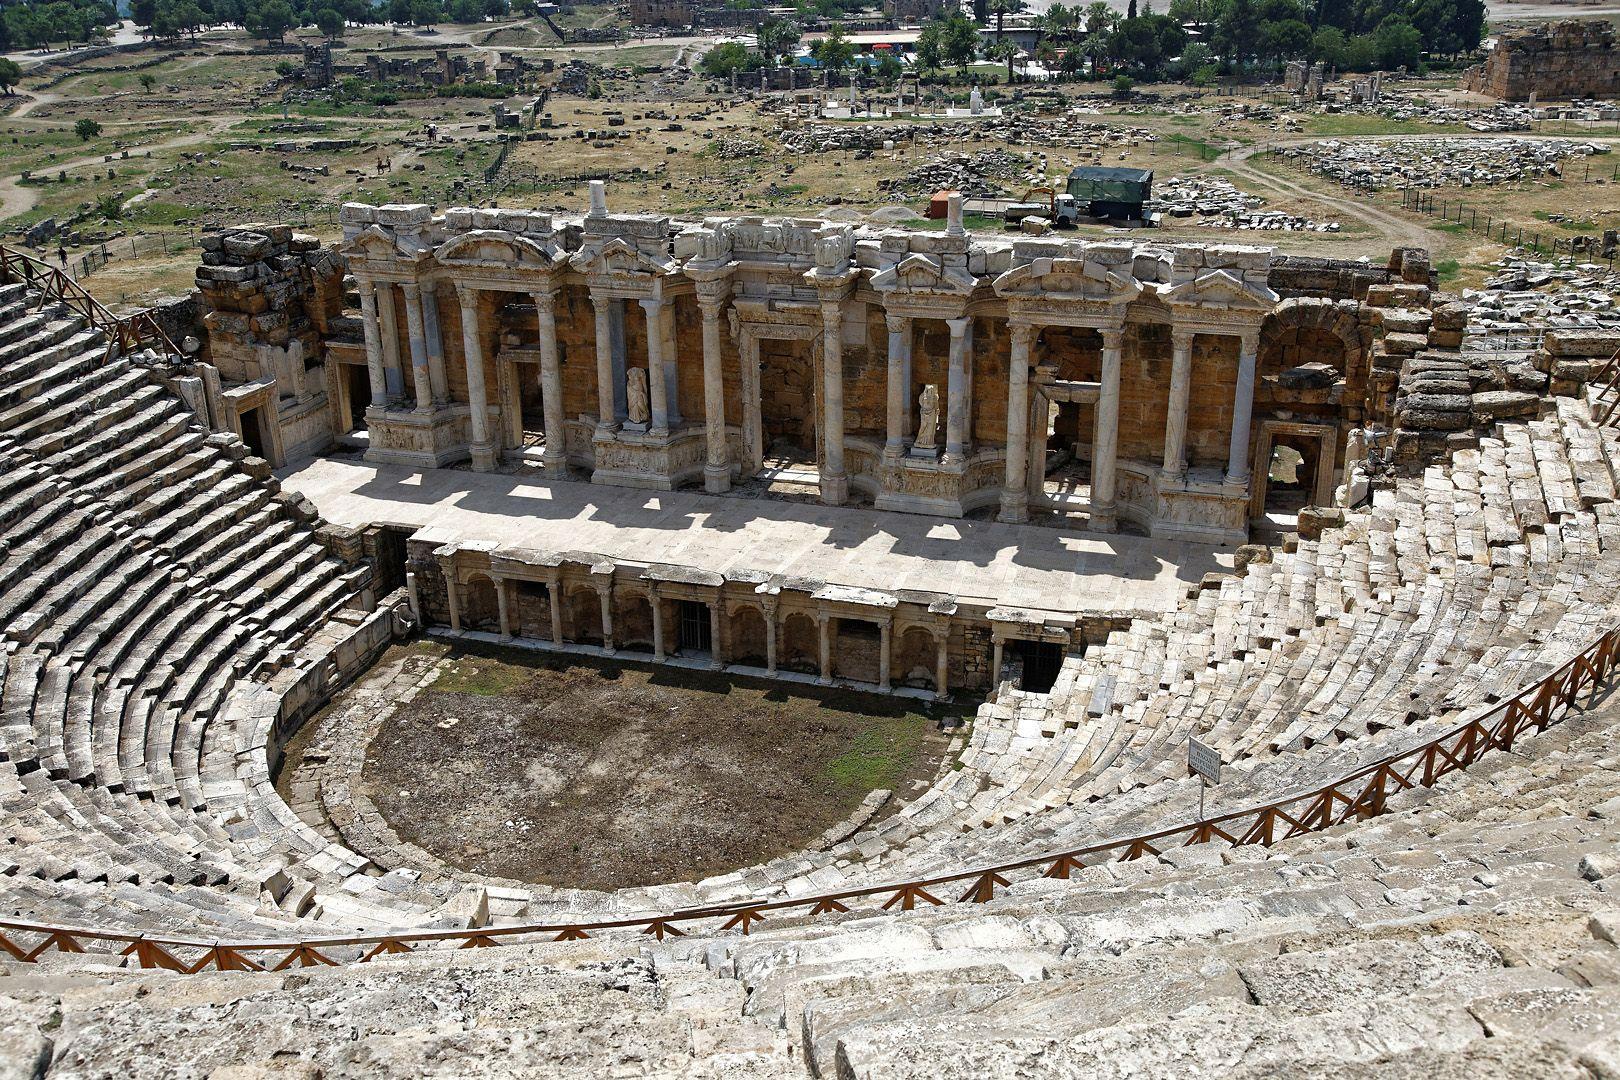 Амфитеатр Pamukkale Turkey